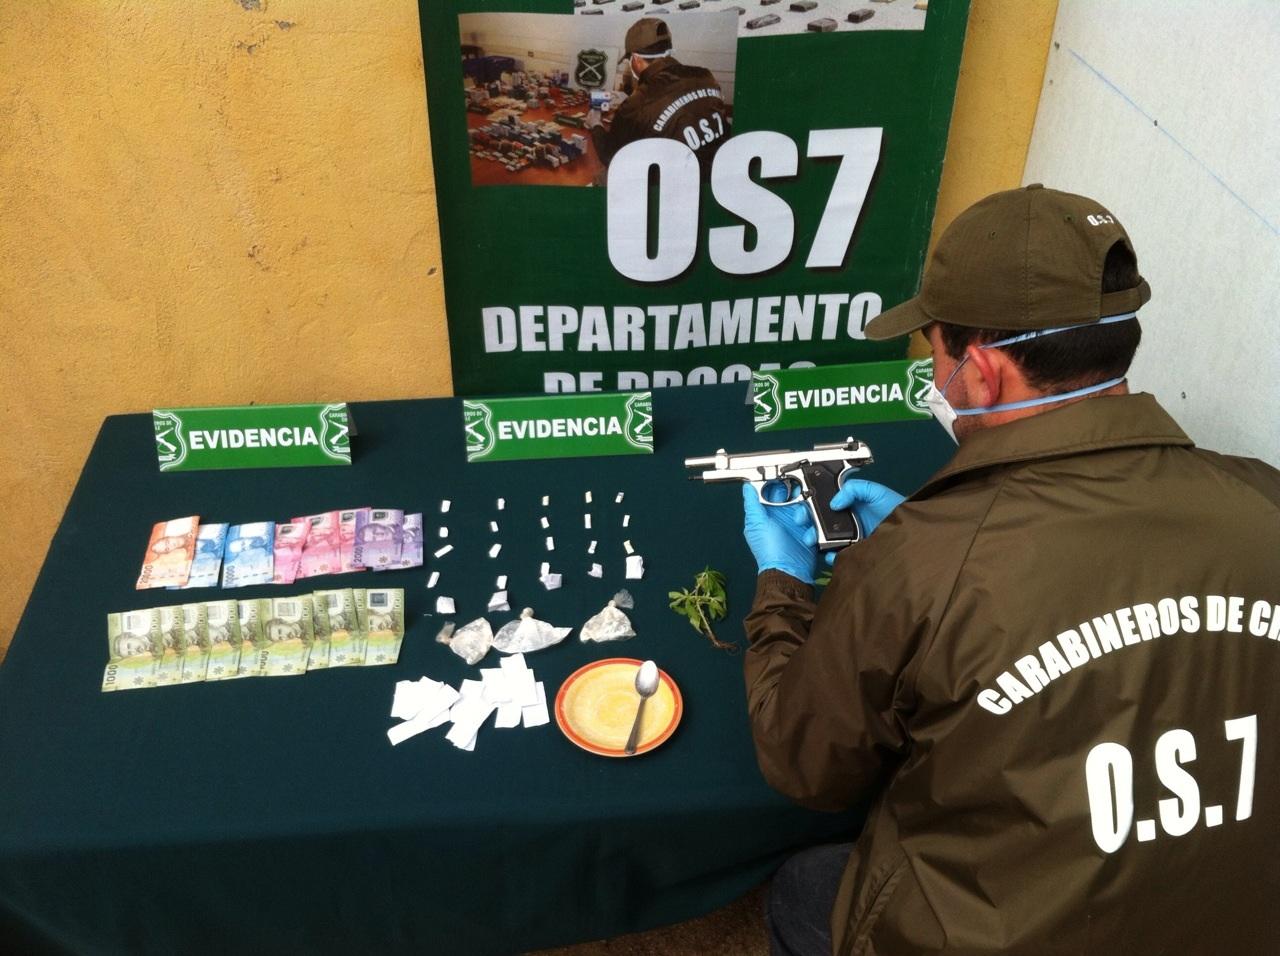 OS-7 de Carabineros Desbarata Microtráfico de Drogas en San Clemente